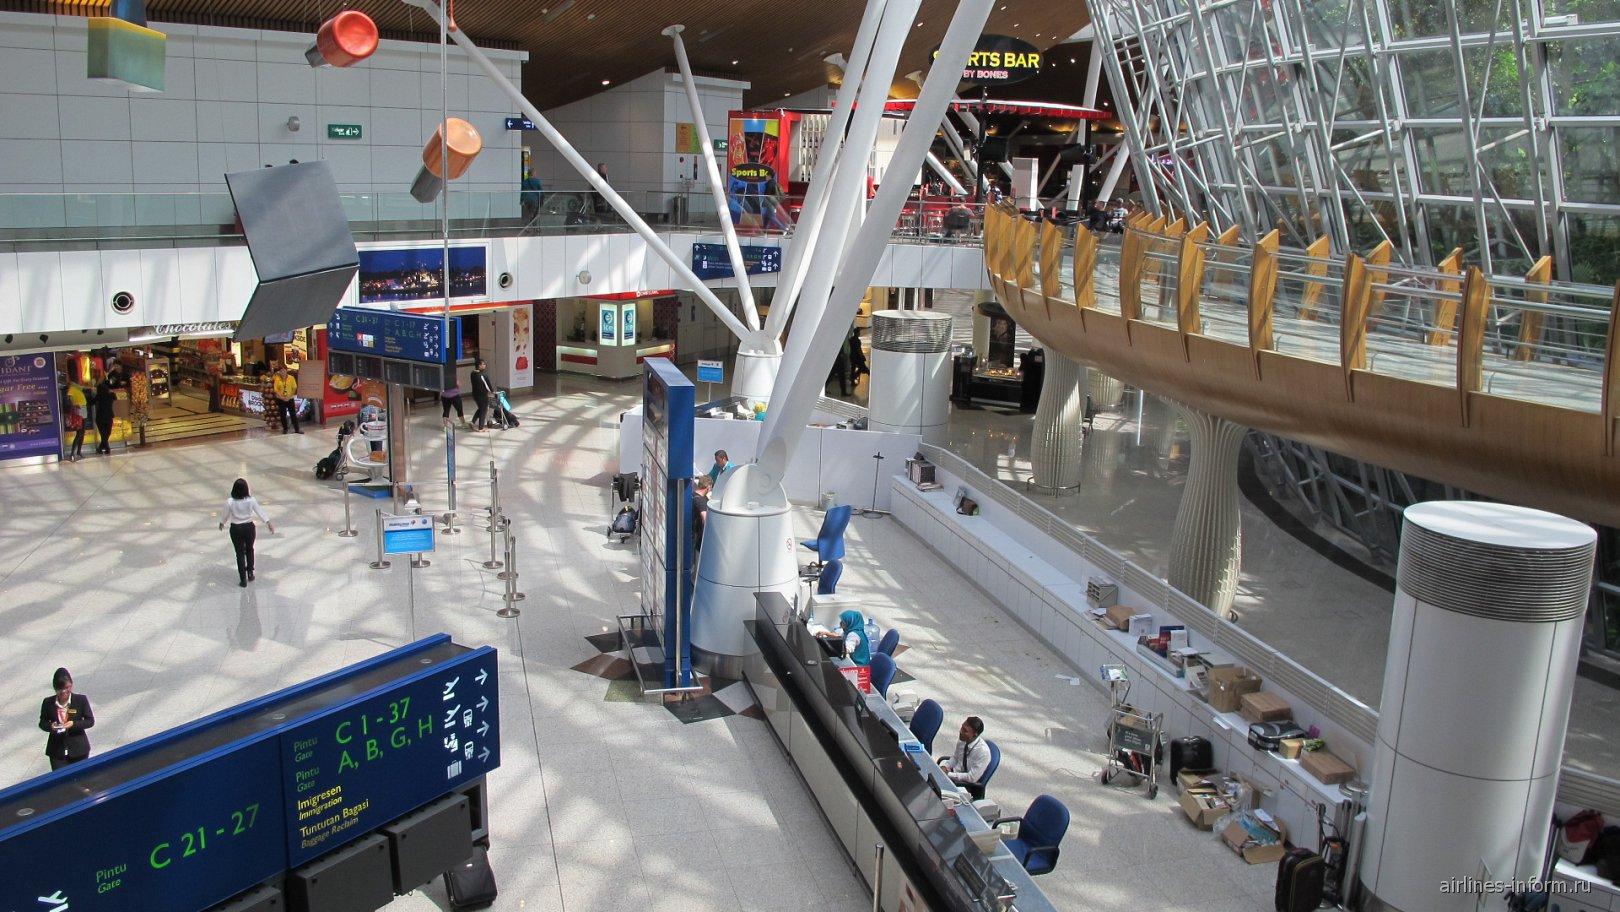 Центральная зона терминала-спутника аэропорта Куала-Лумпур